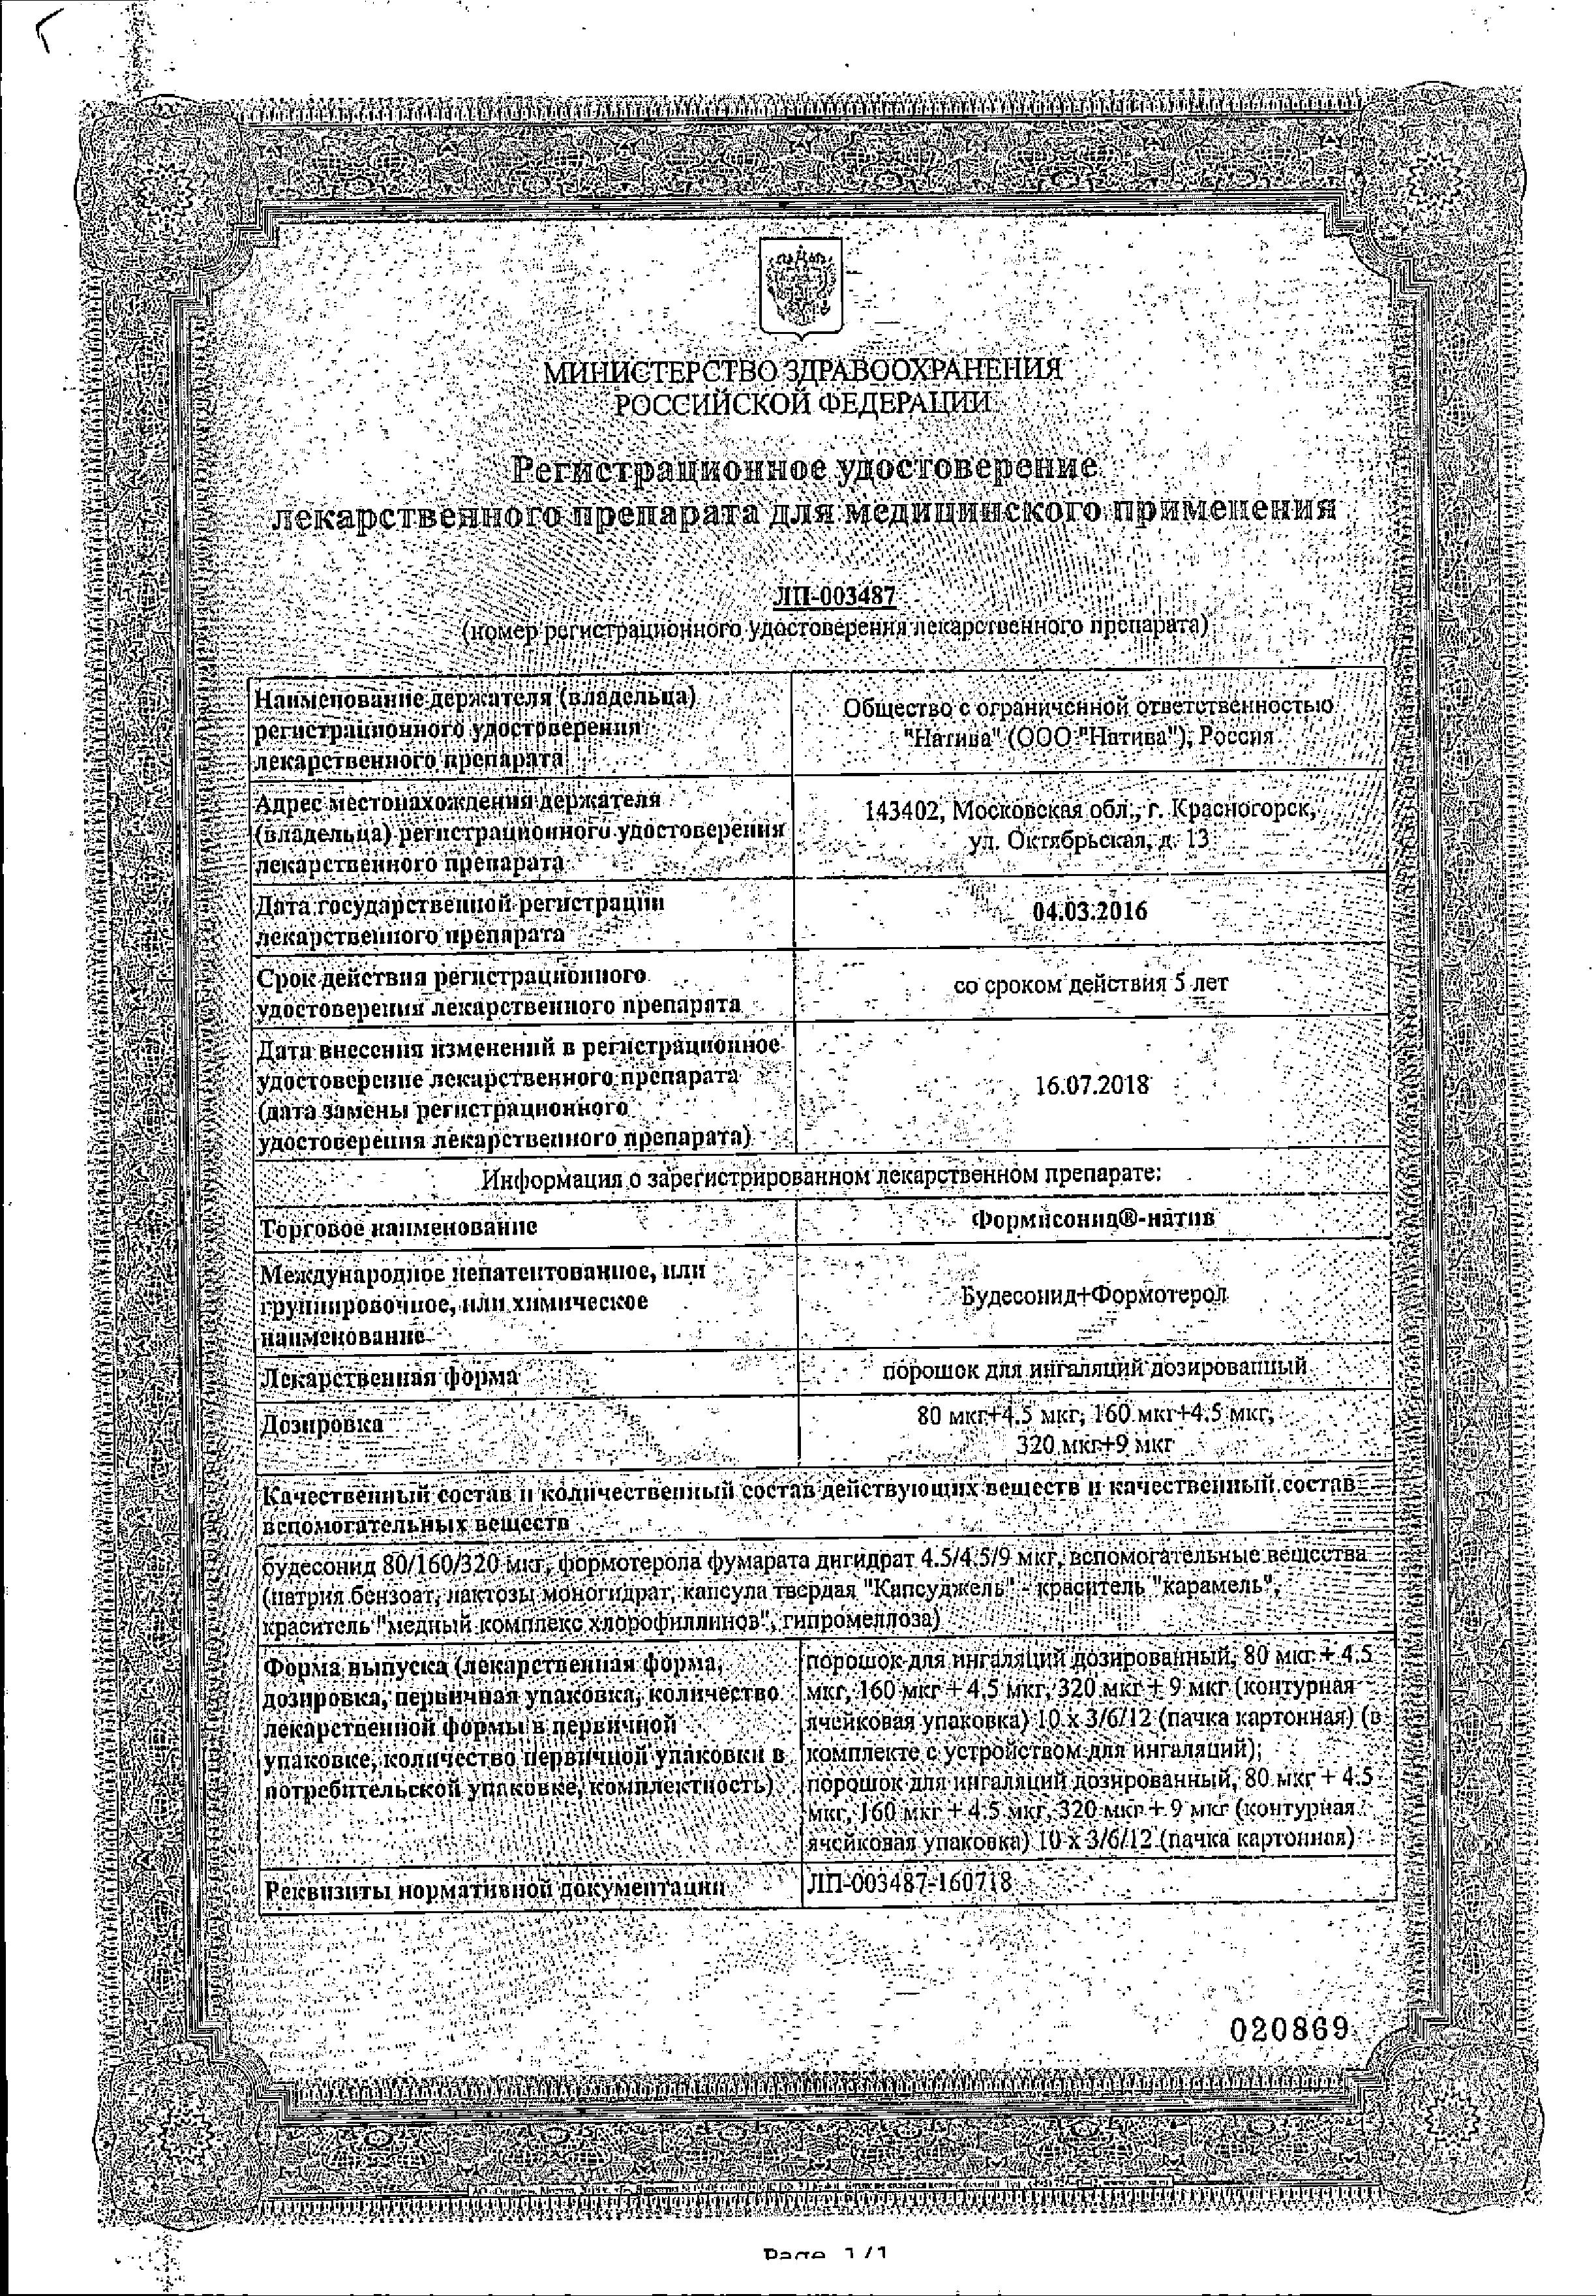 Формисонид-натив сертификат